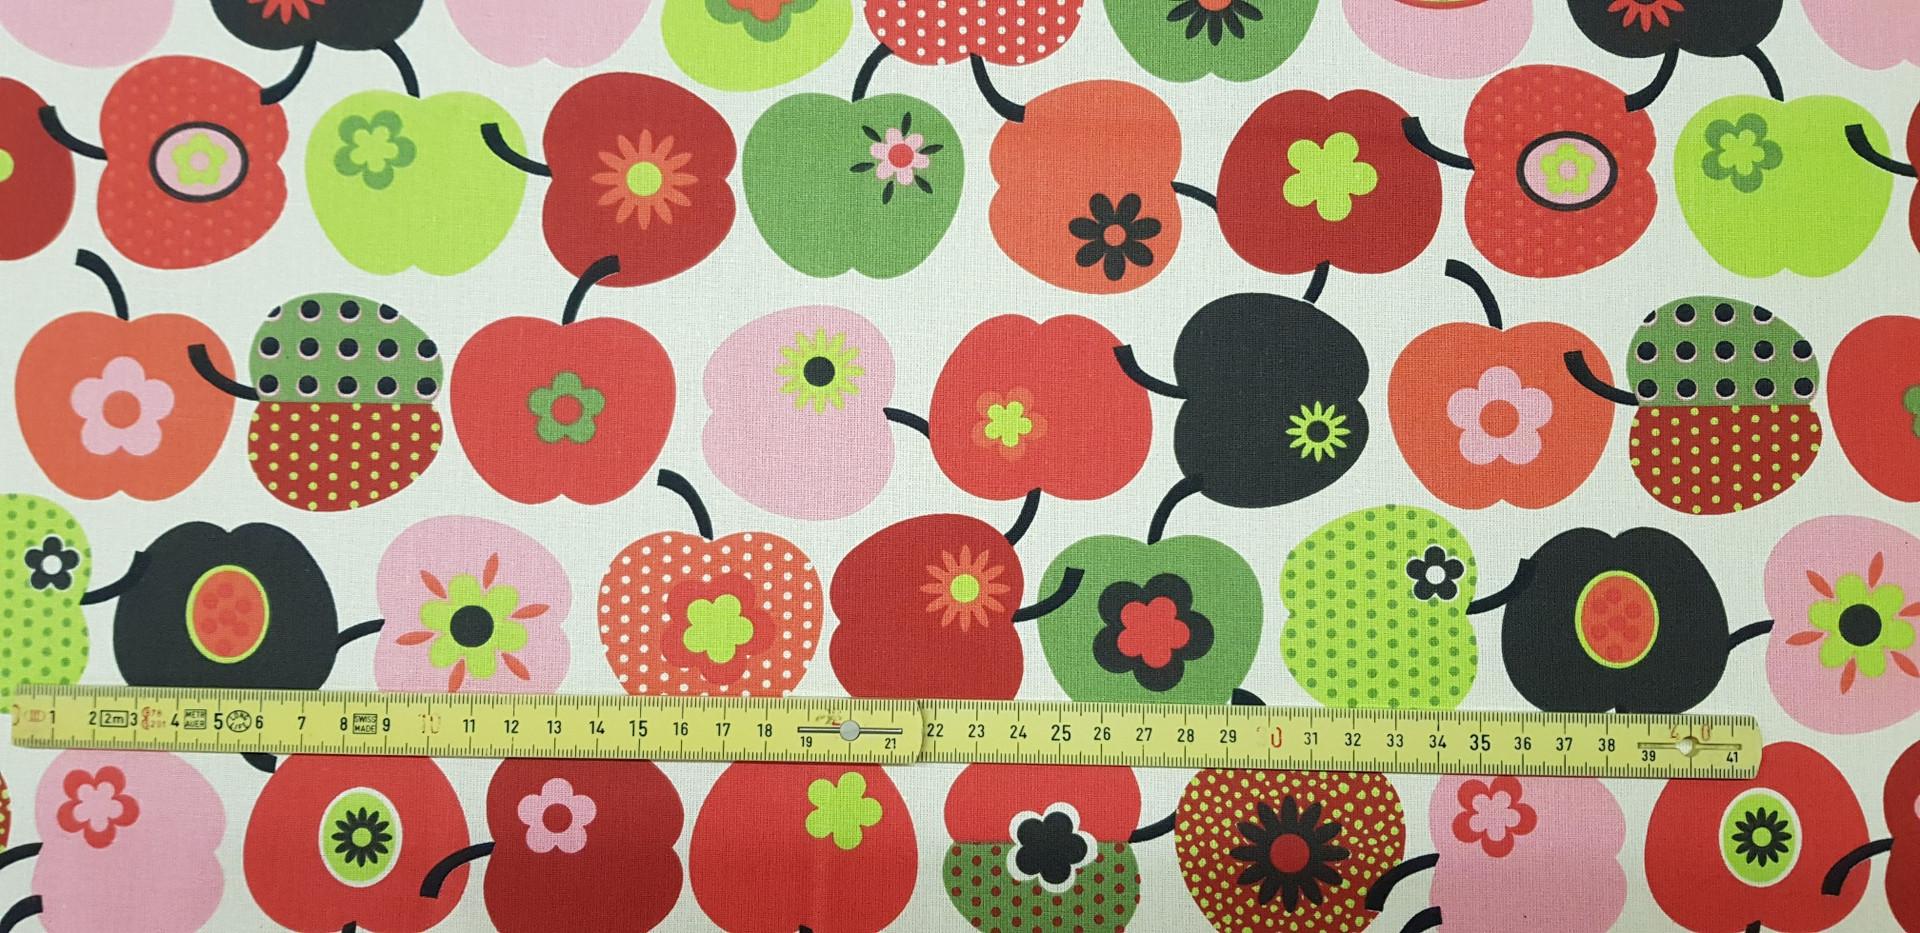 129. 60's Apples